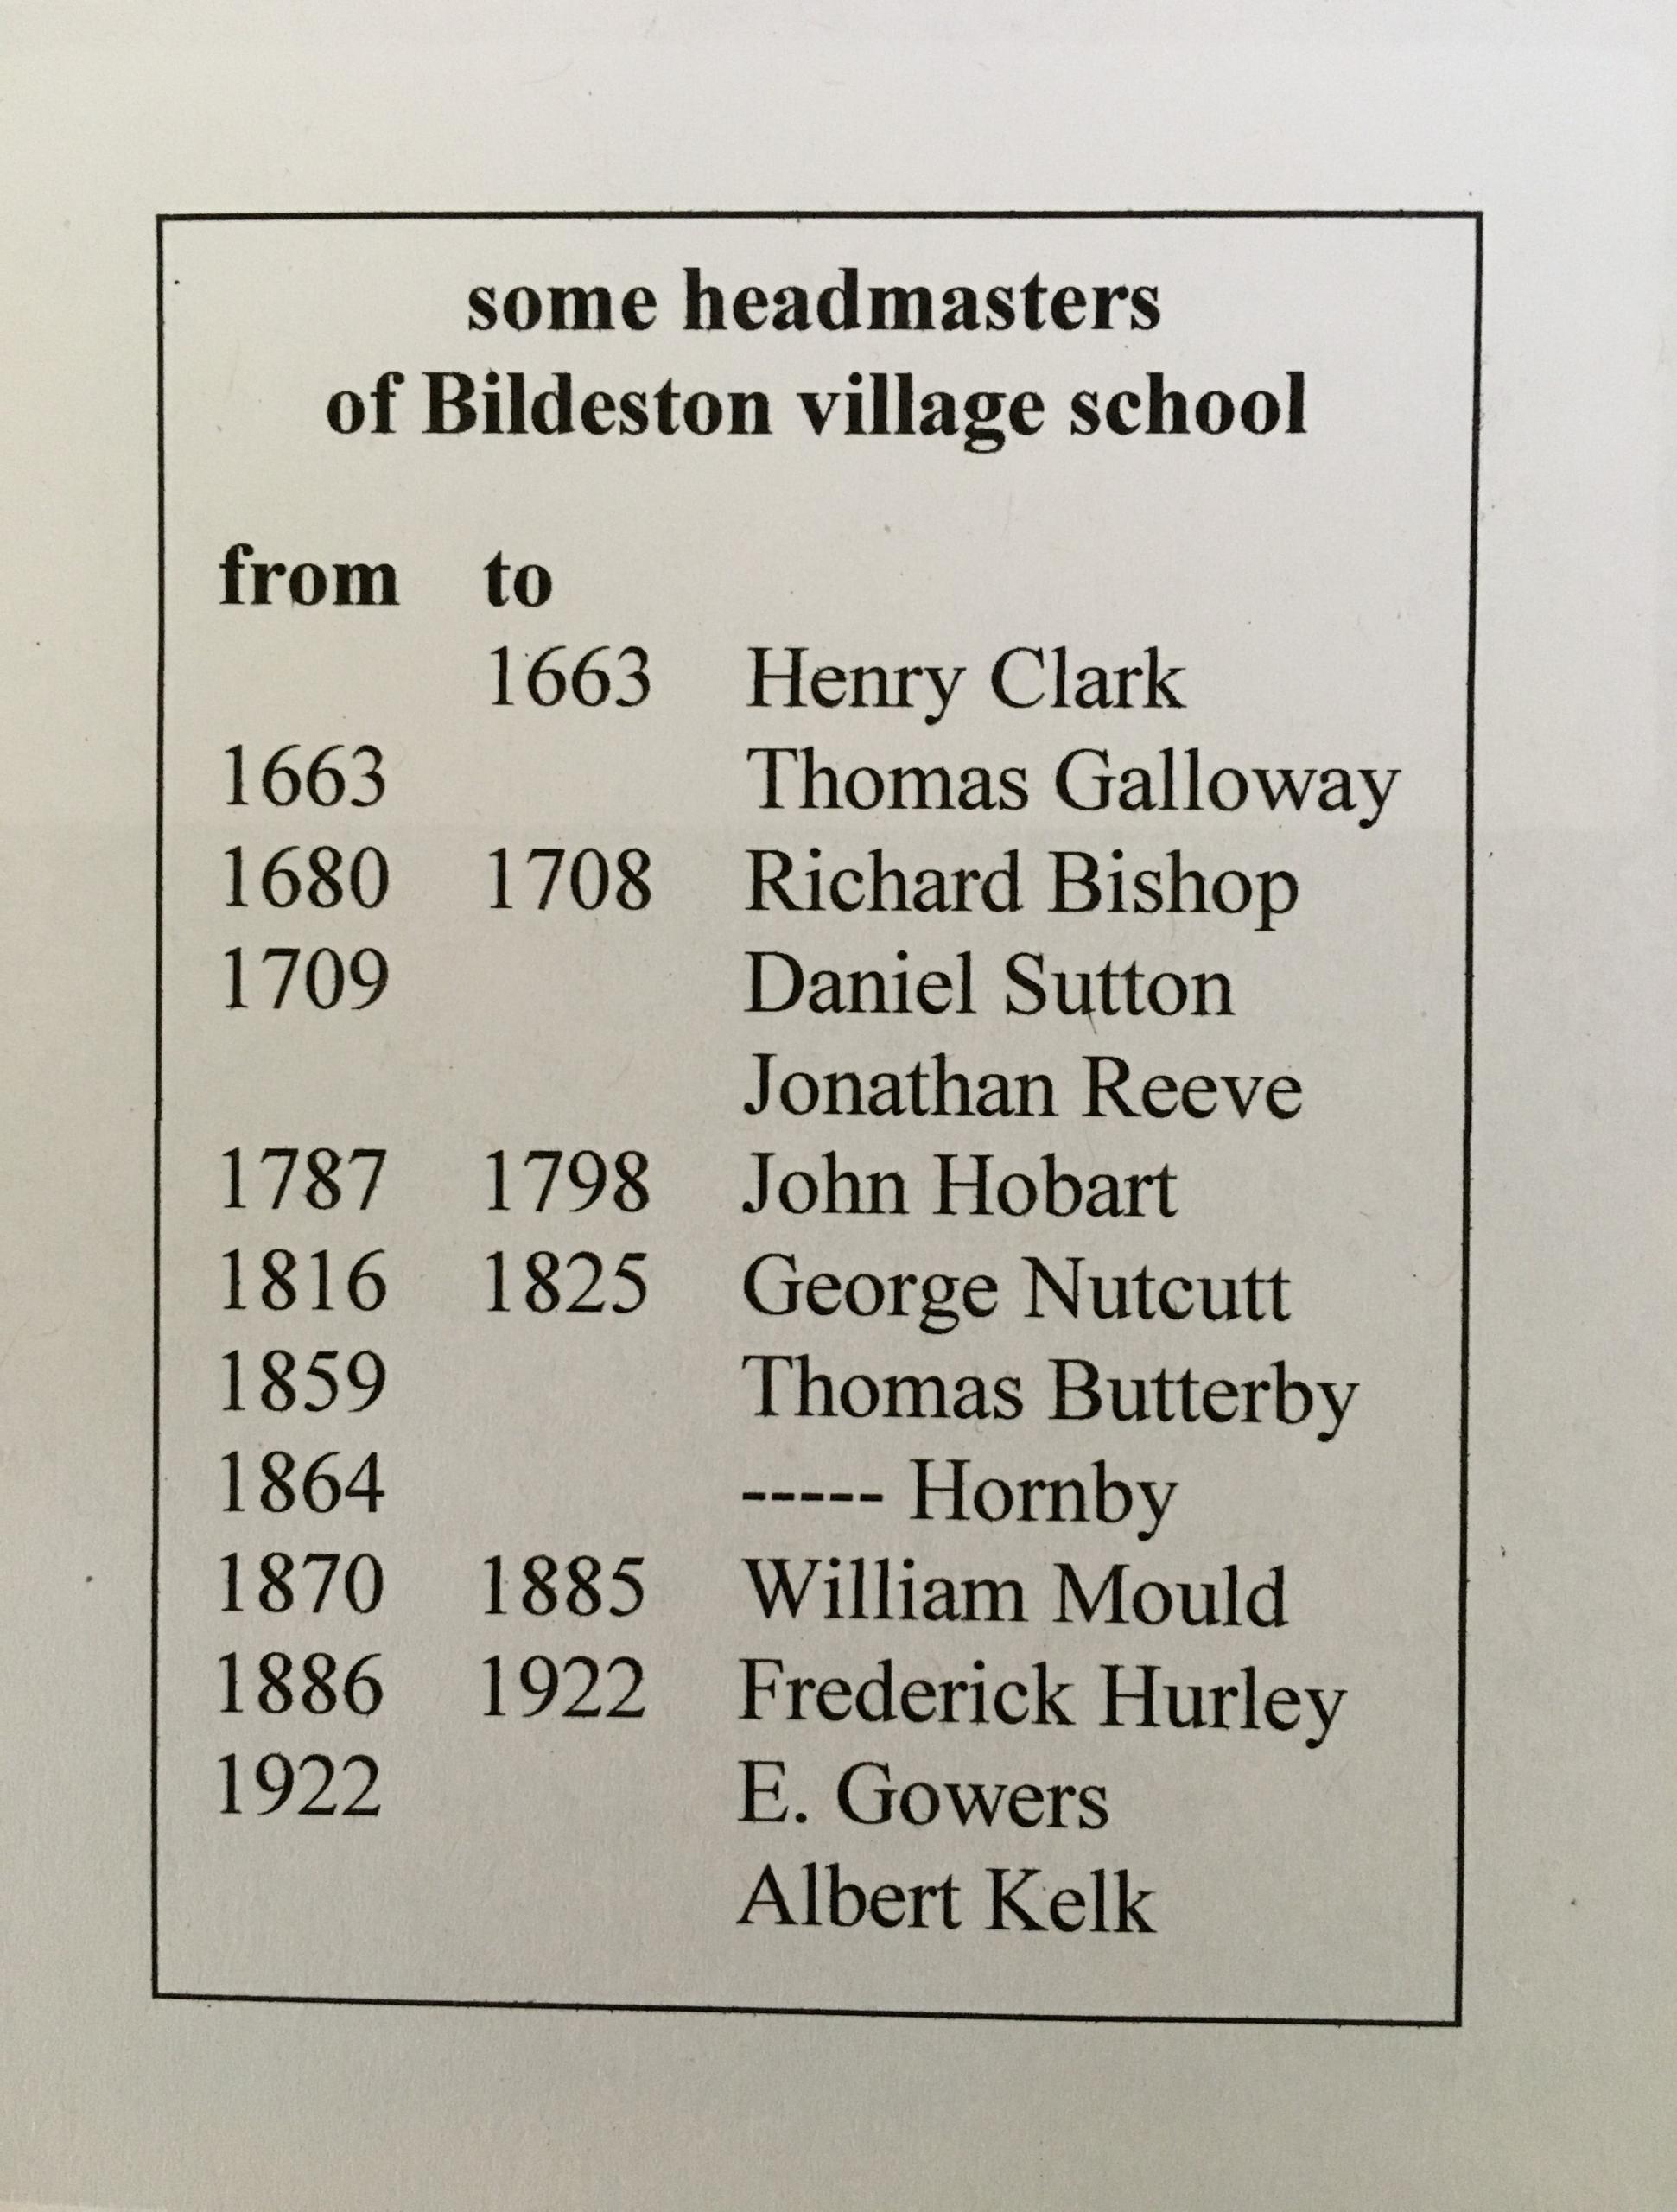 Some headmasters of Bildeston village school